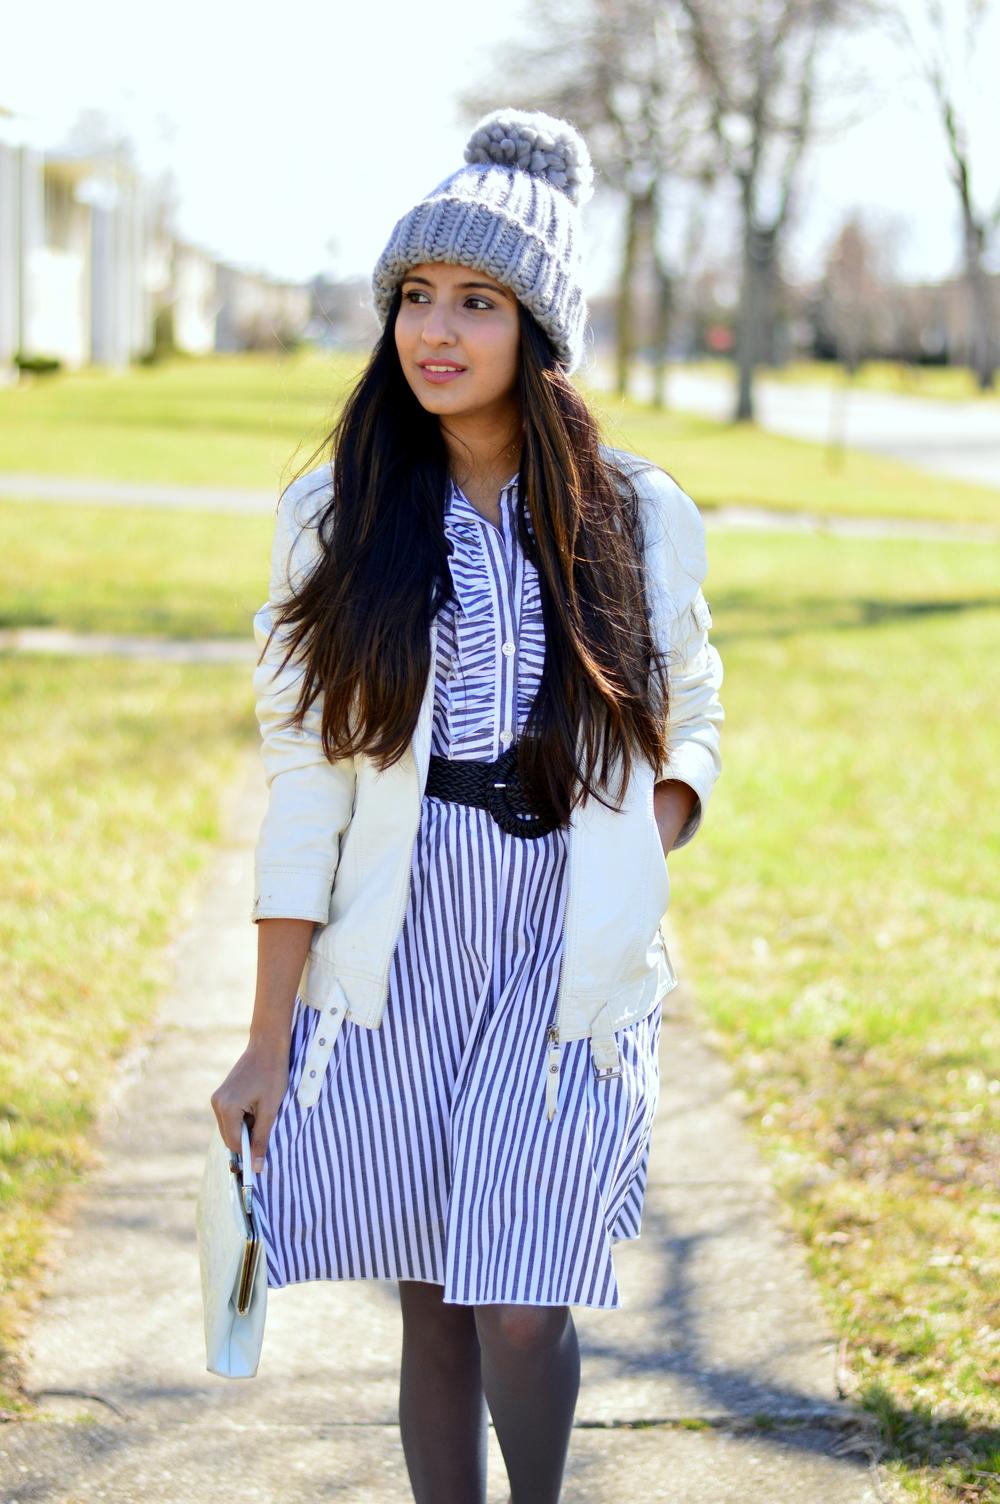 striped-shirtdress-pom-beanie-leather-jacket 2